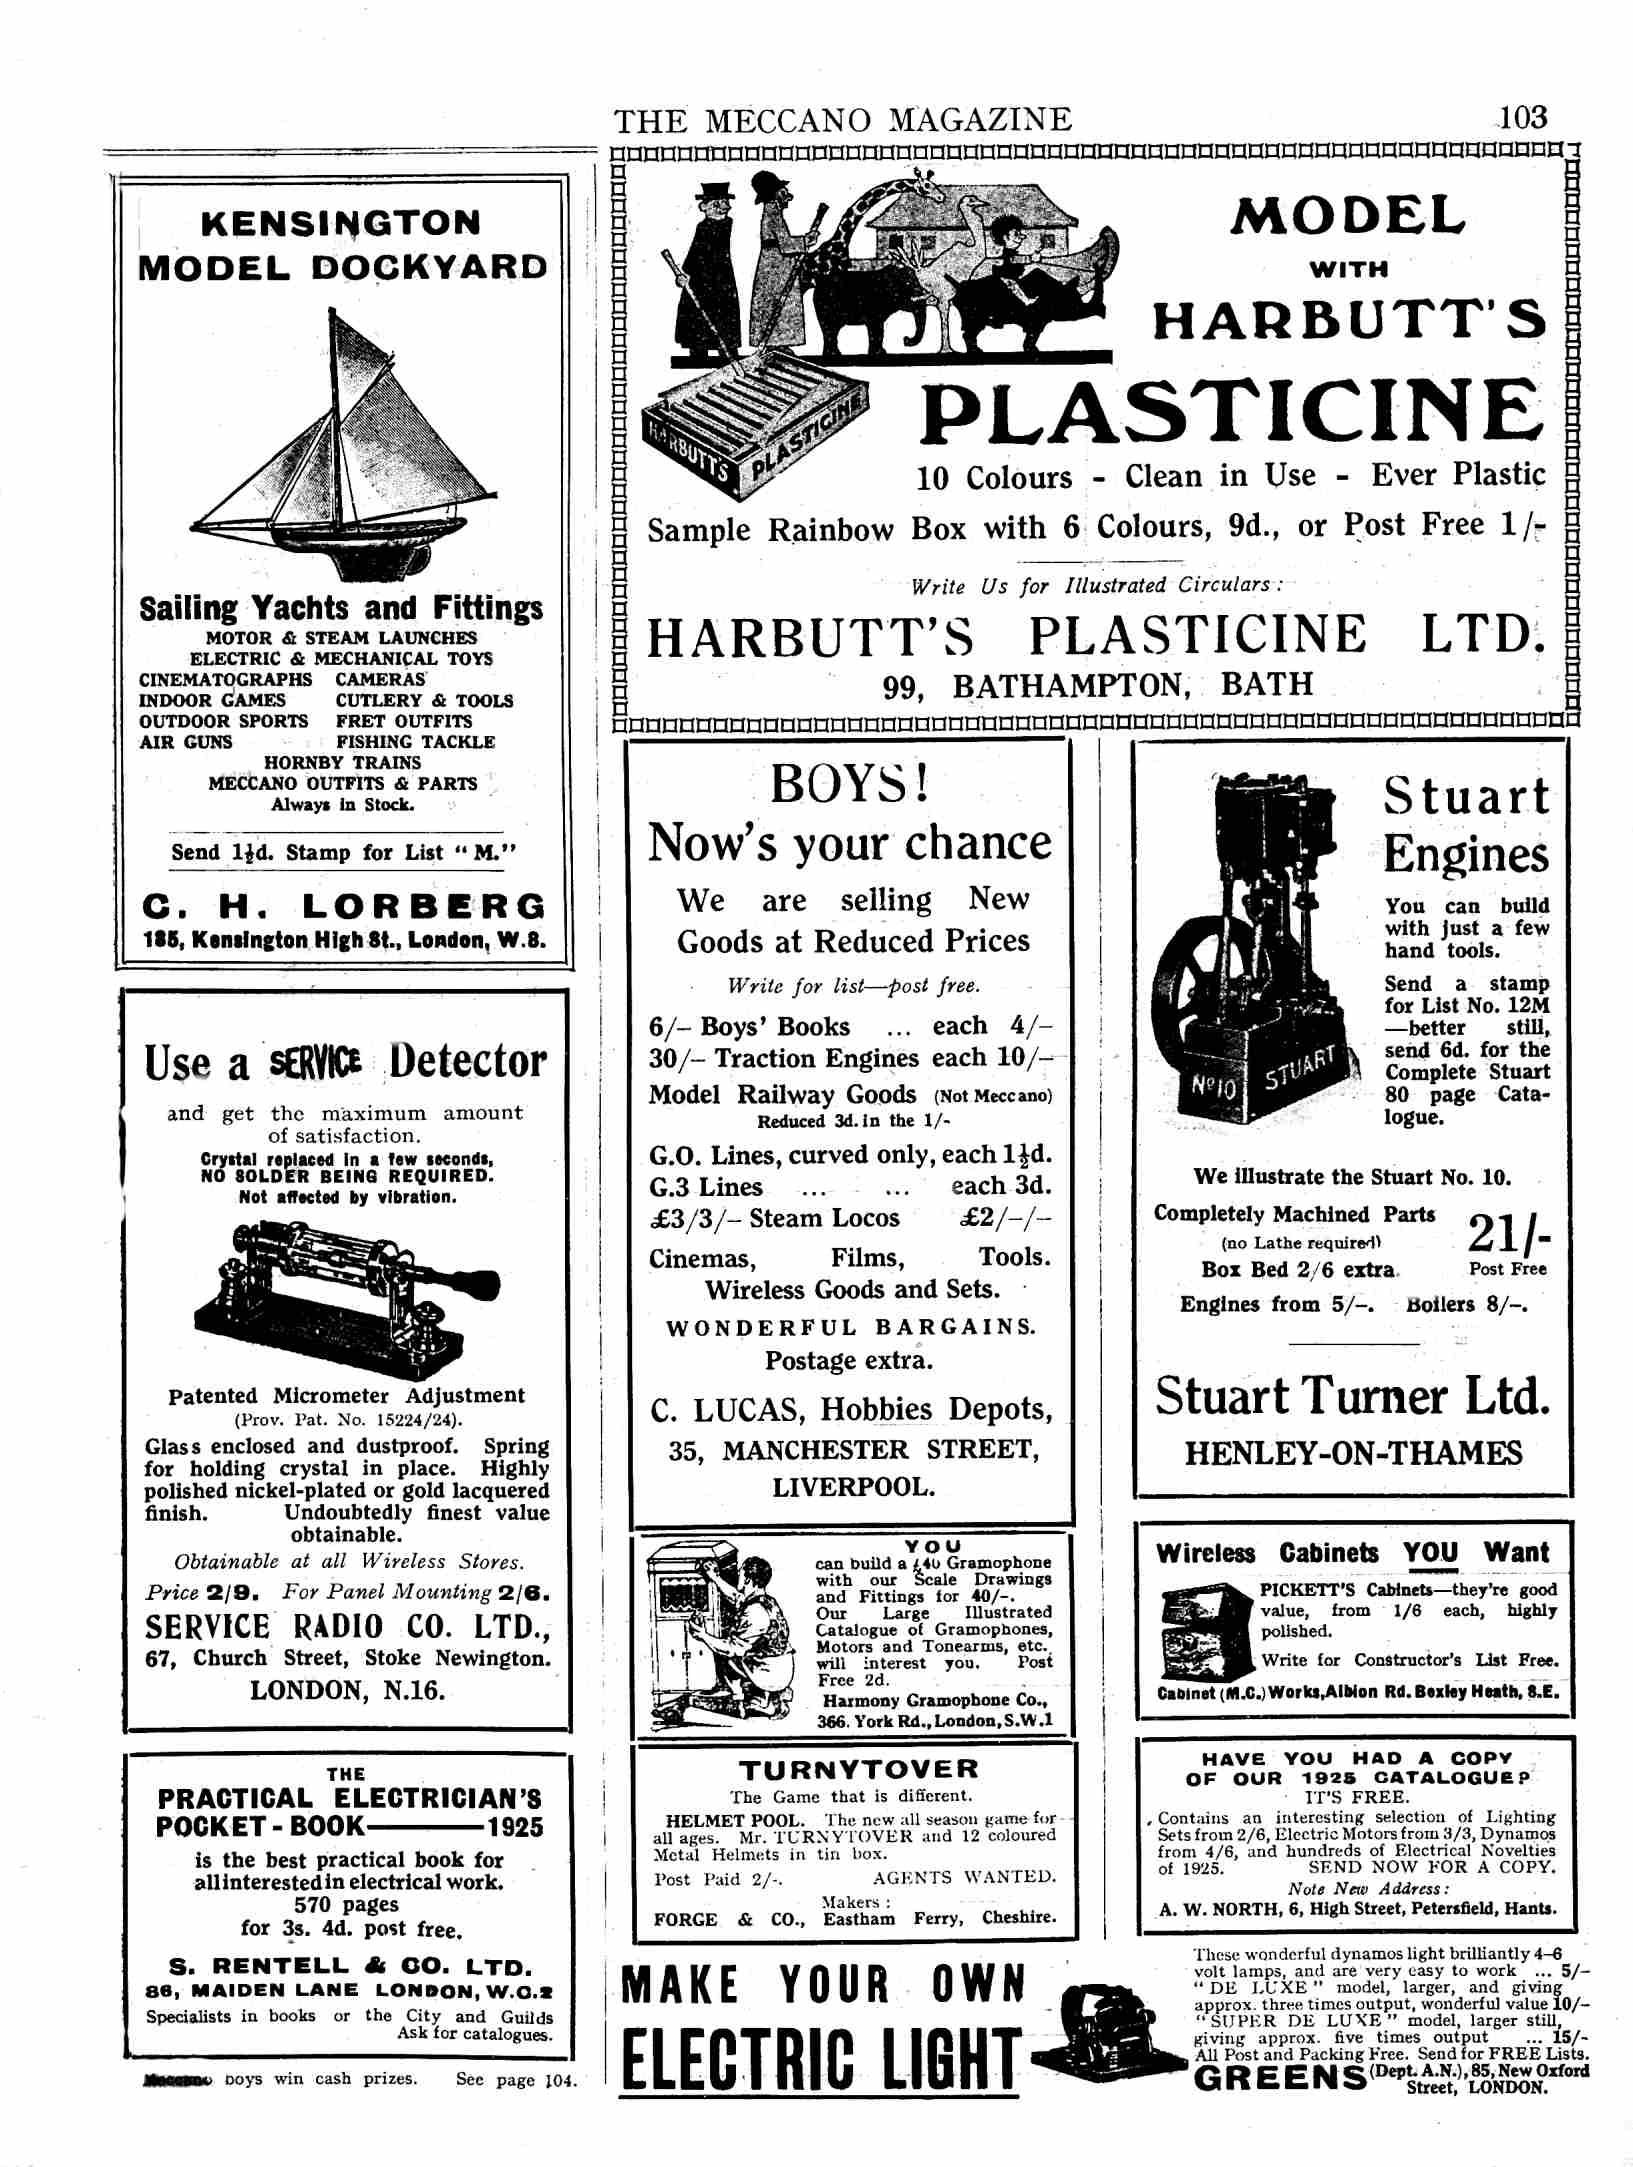 UK Meccano Magazine February 1925 Page 103